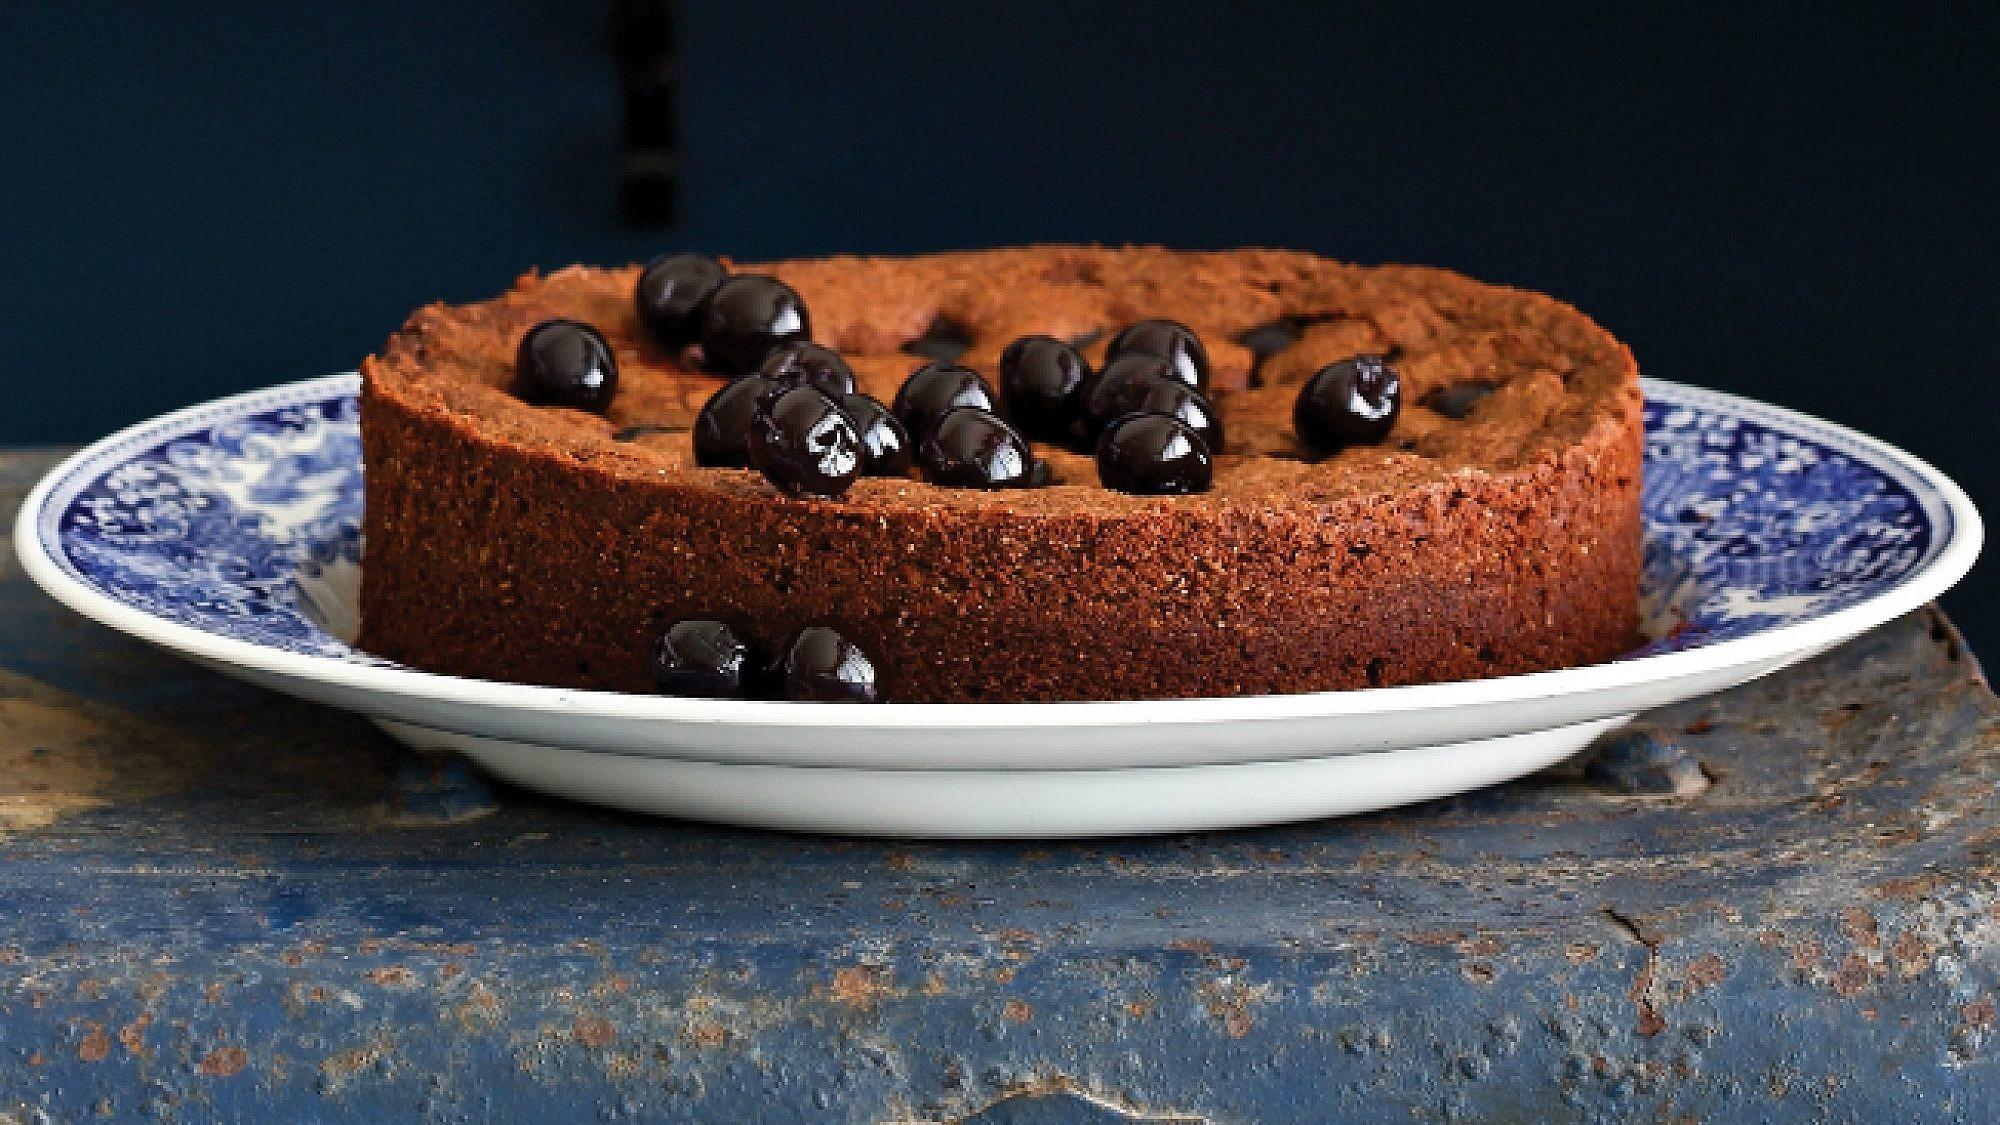 עוגת שוקולד ללא קמח עם דובדבני אמרנה ופיסטוקים מקורמלים. צילום: דן פרץ   סגנון: עמית פרבר